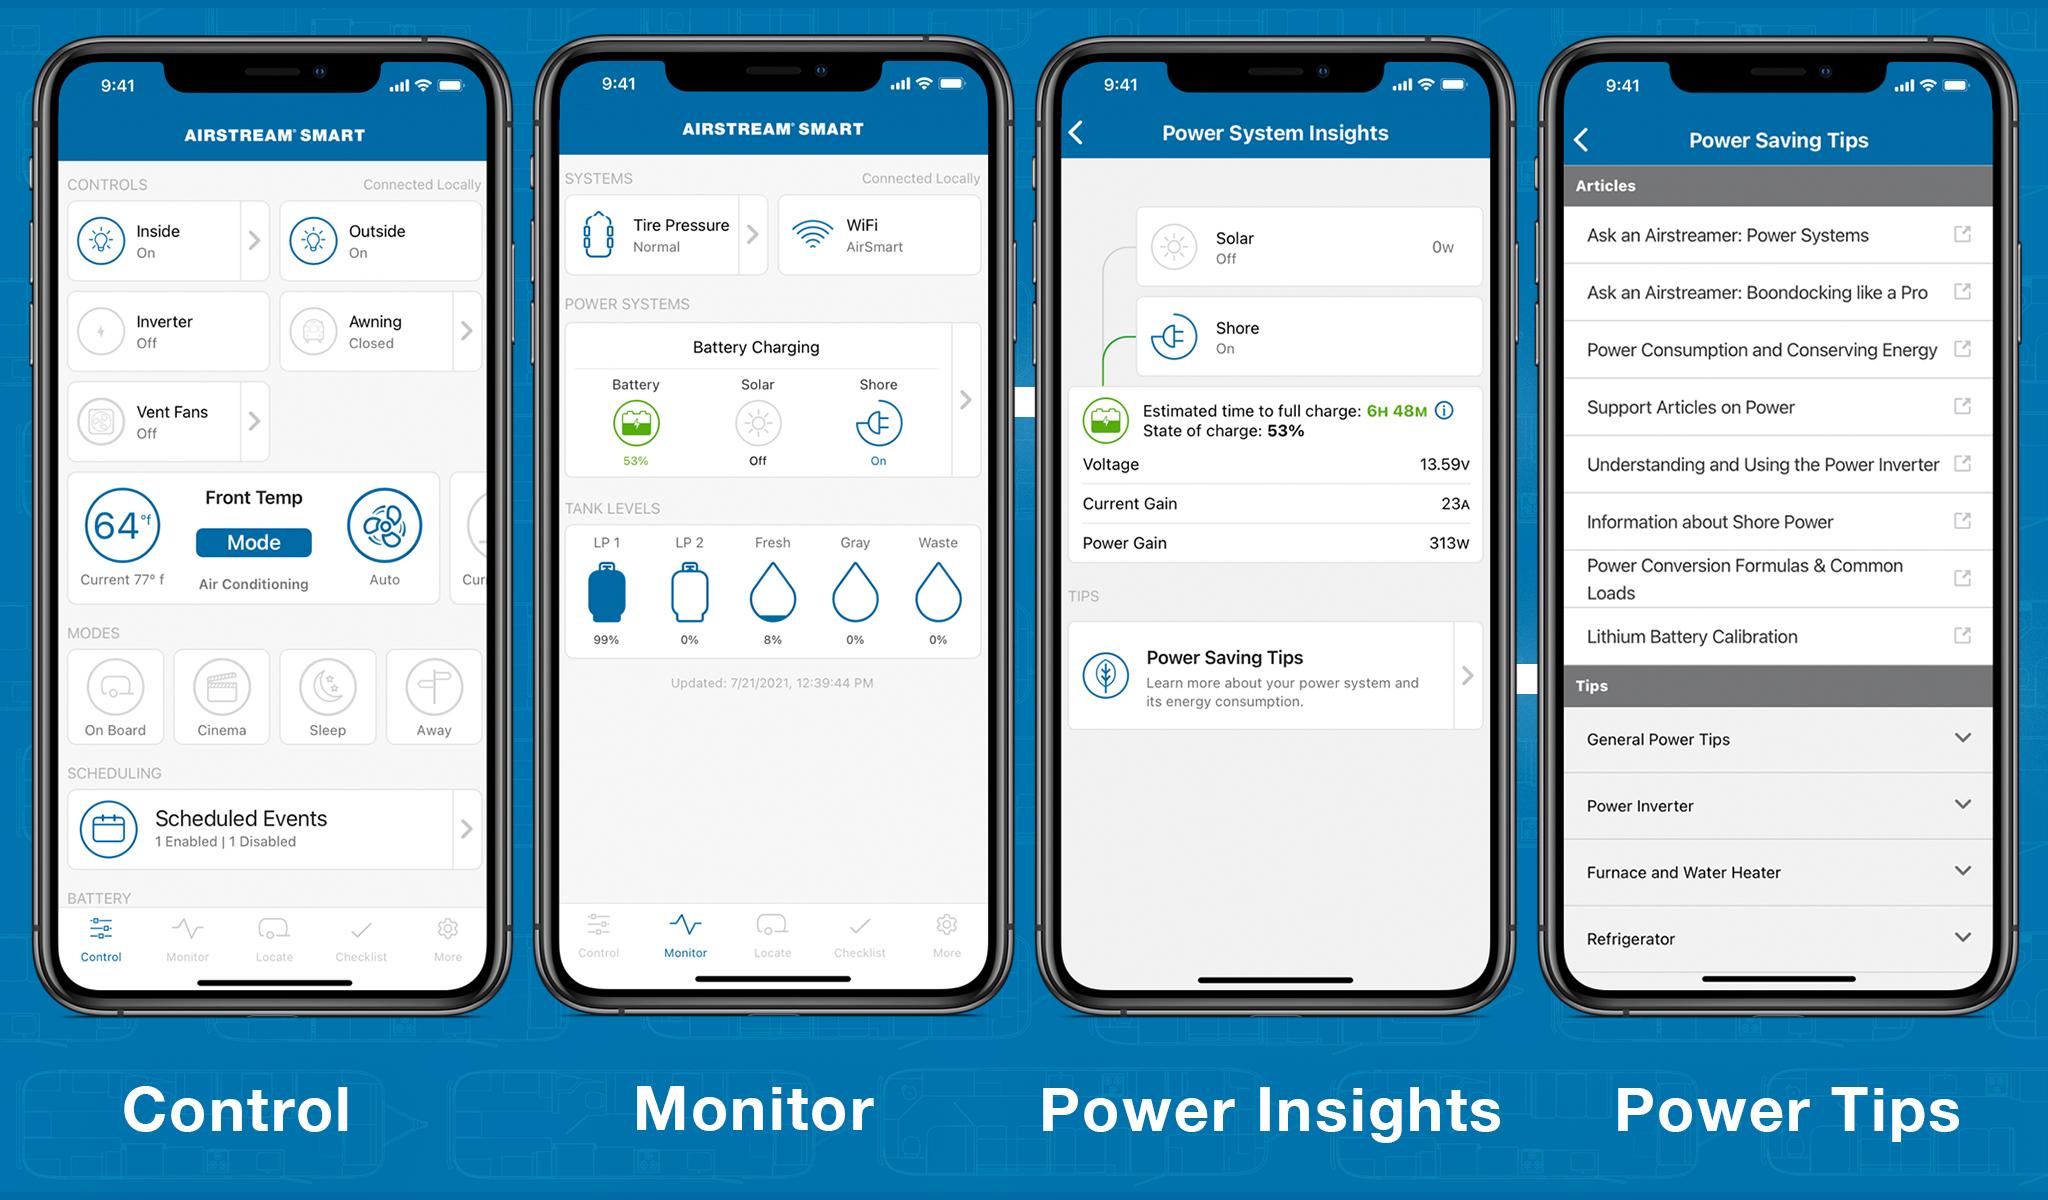 Airstream-Smart-Control-App-updates